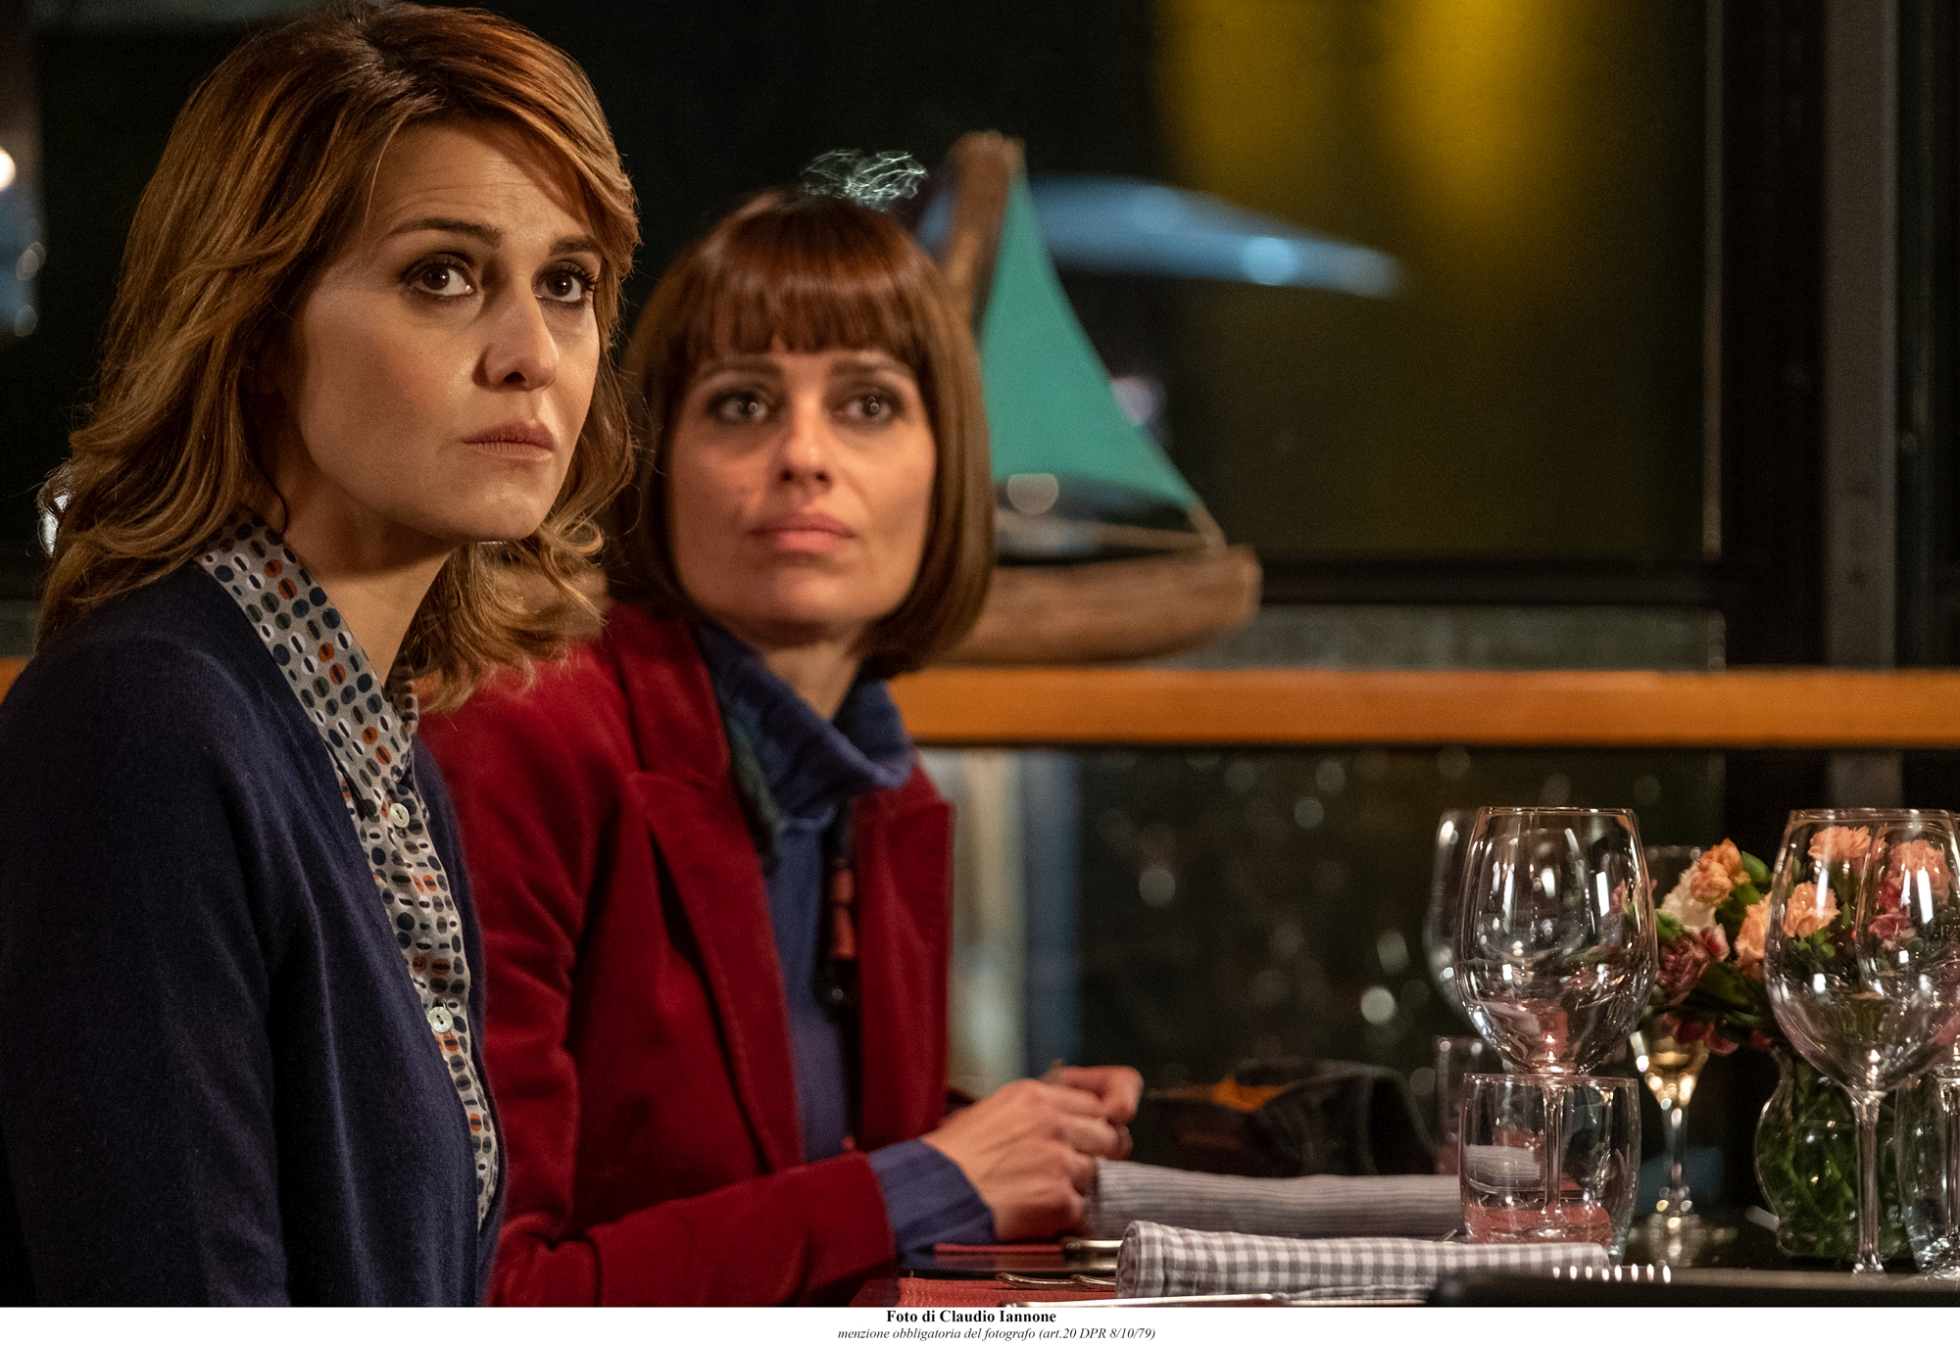 Ma cosa ci dice il cervello: Paola Cortellesi e Claudia Pandolfi in una scena